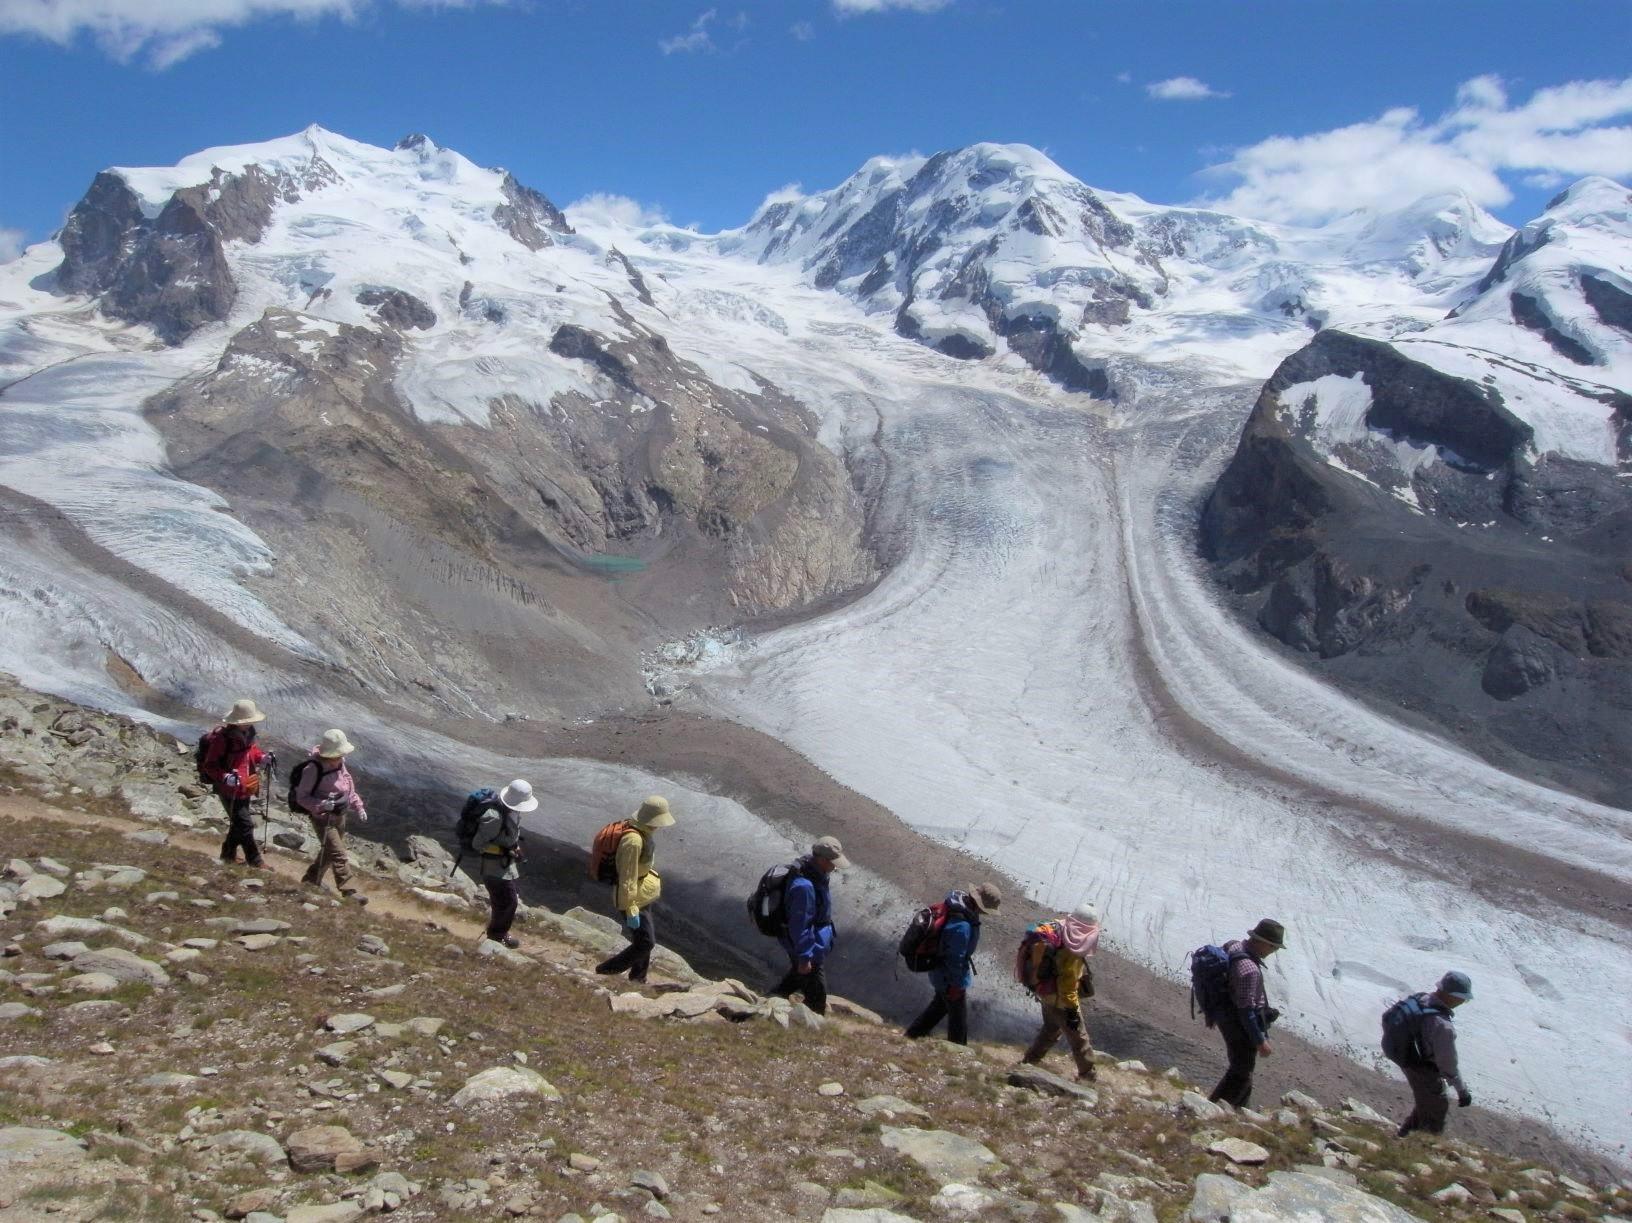 スイス・アルプスを代表するヴァリス山群のハイライトを満喫